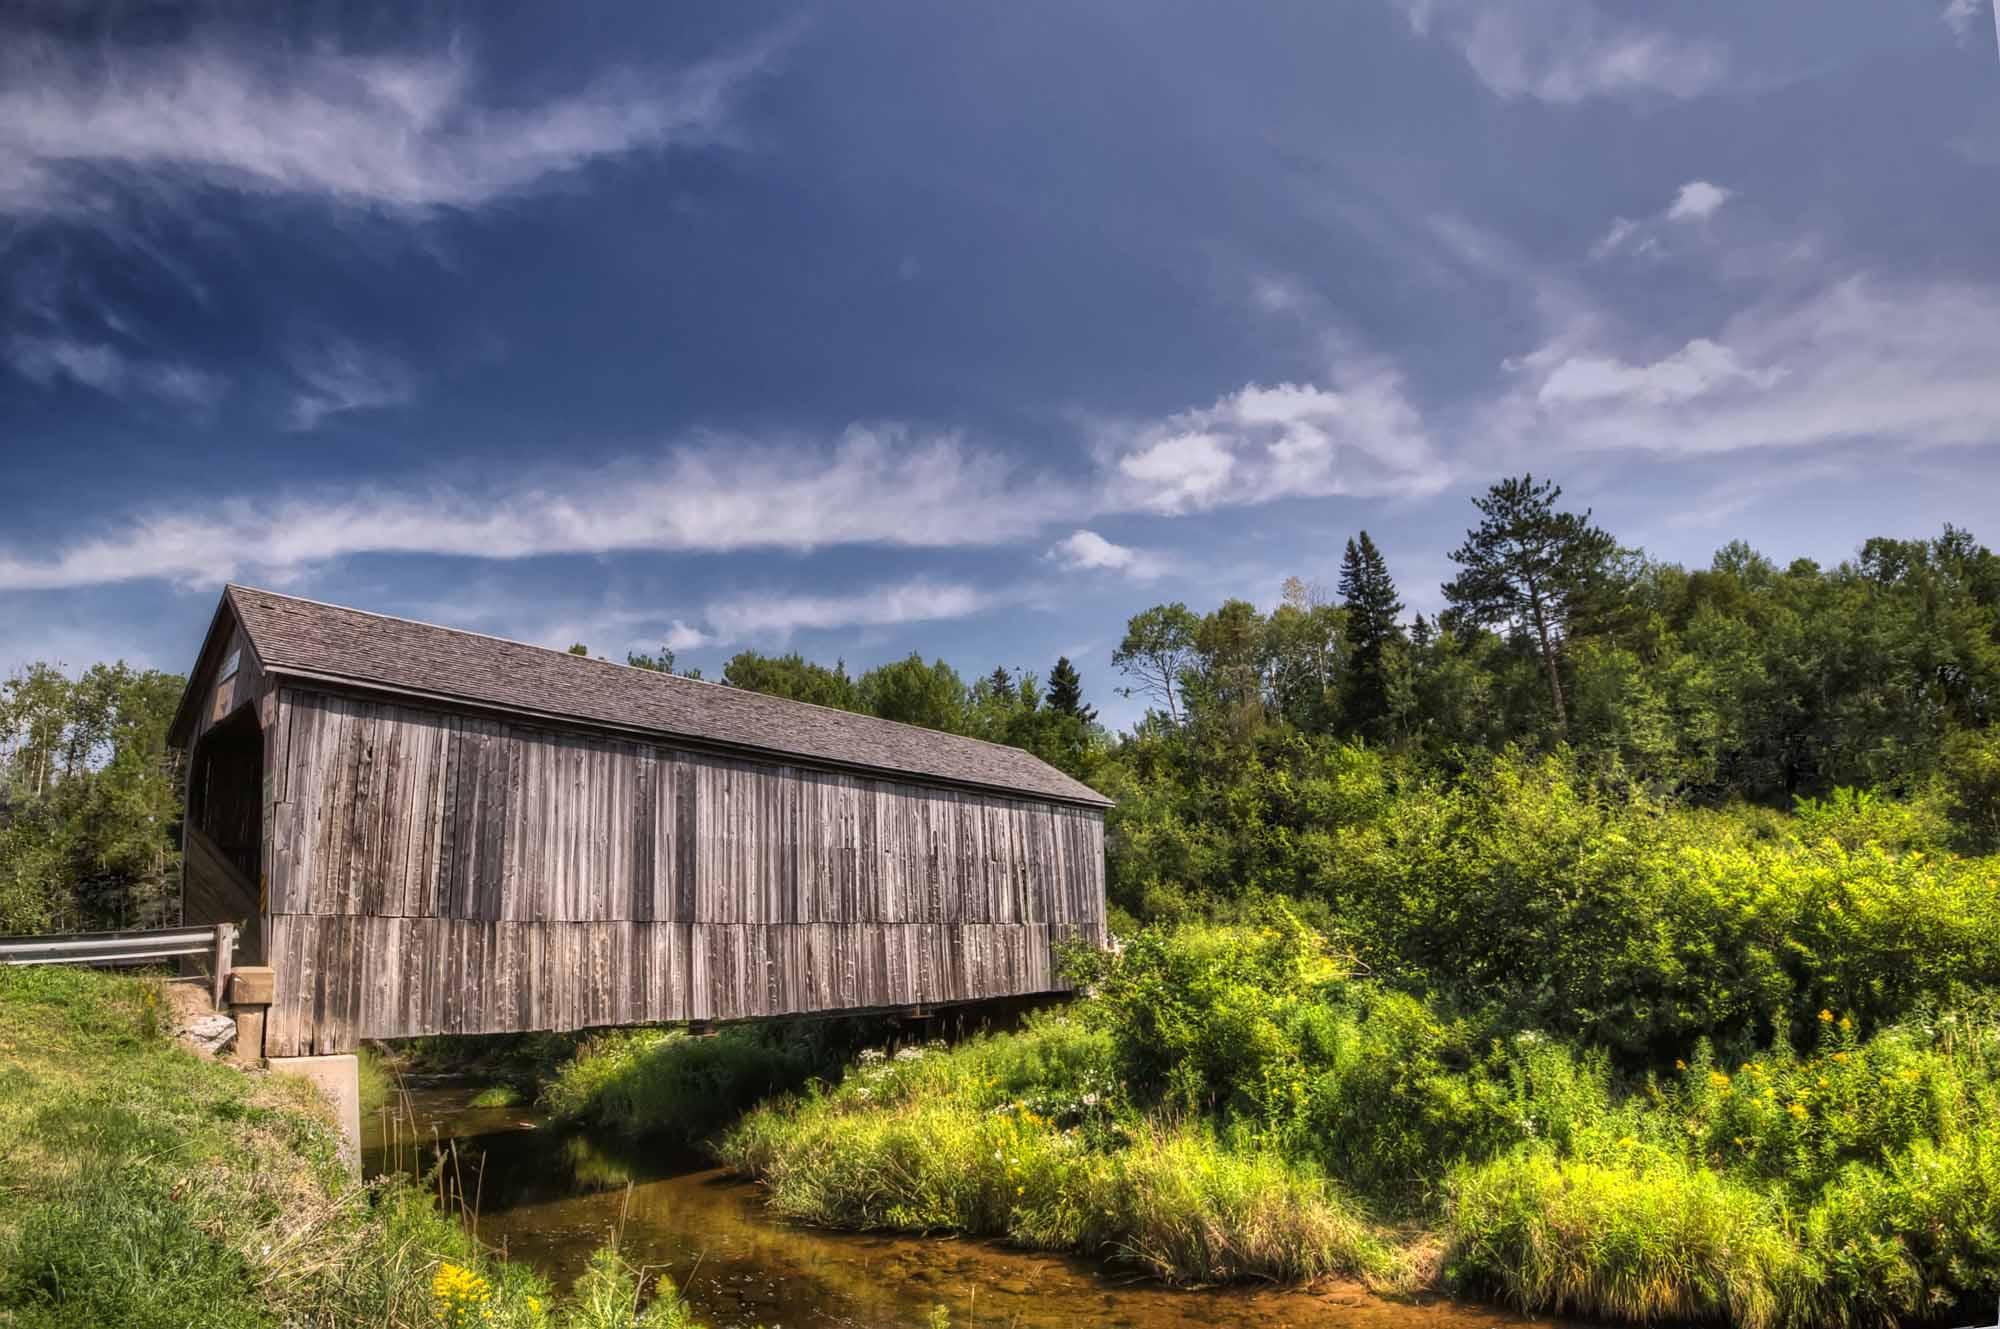 Covered Bridge, New Brunswick